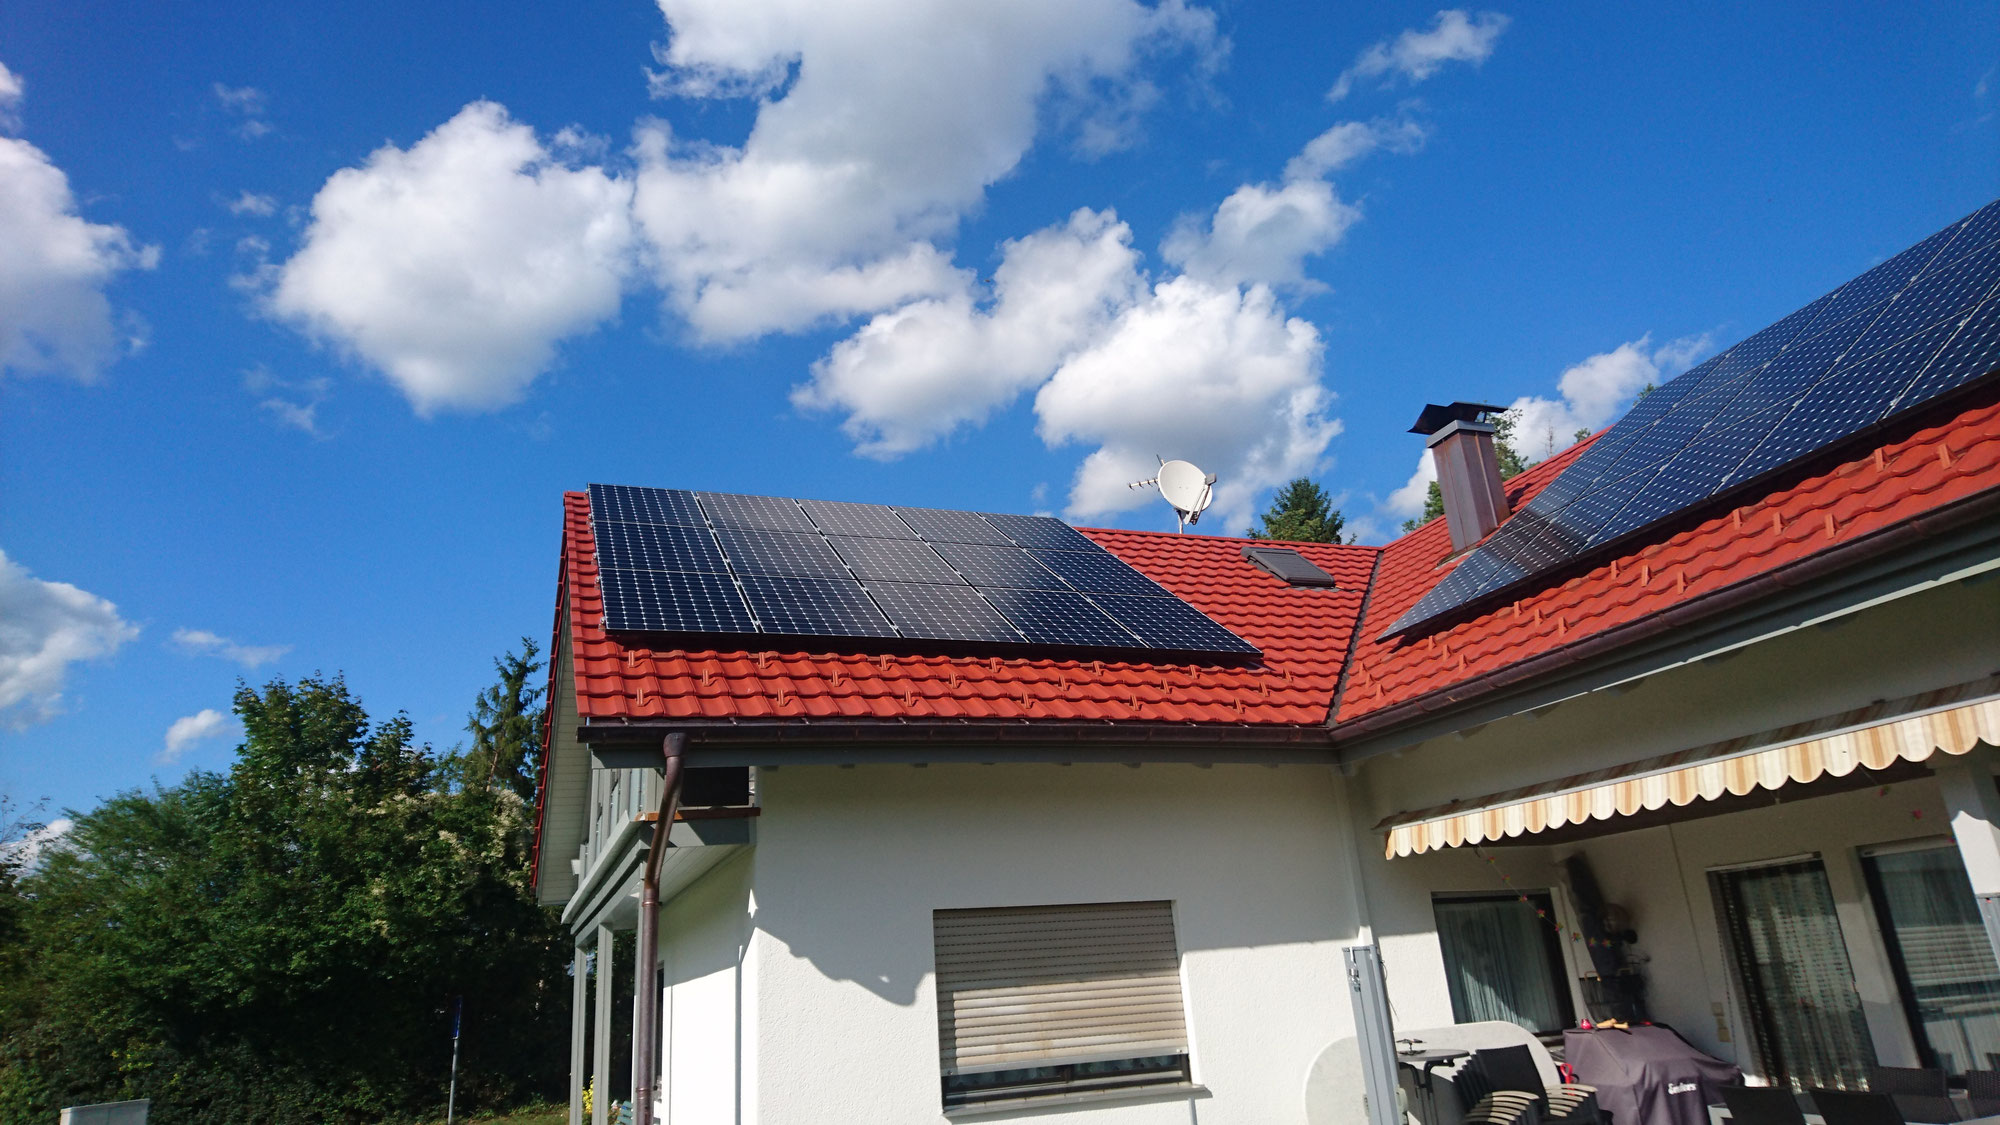 wie funktioniert photovoltaik wissenswertes ber photovoltaik solar und energiespeicher. Black Bedroom Furniture Sets. Home Design Ideas